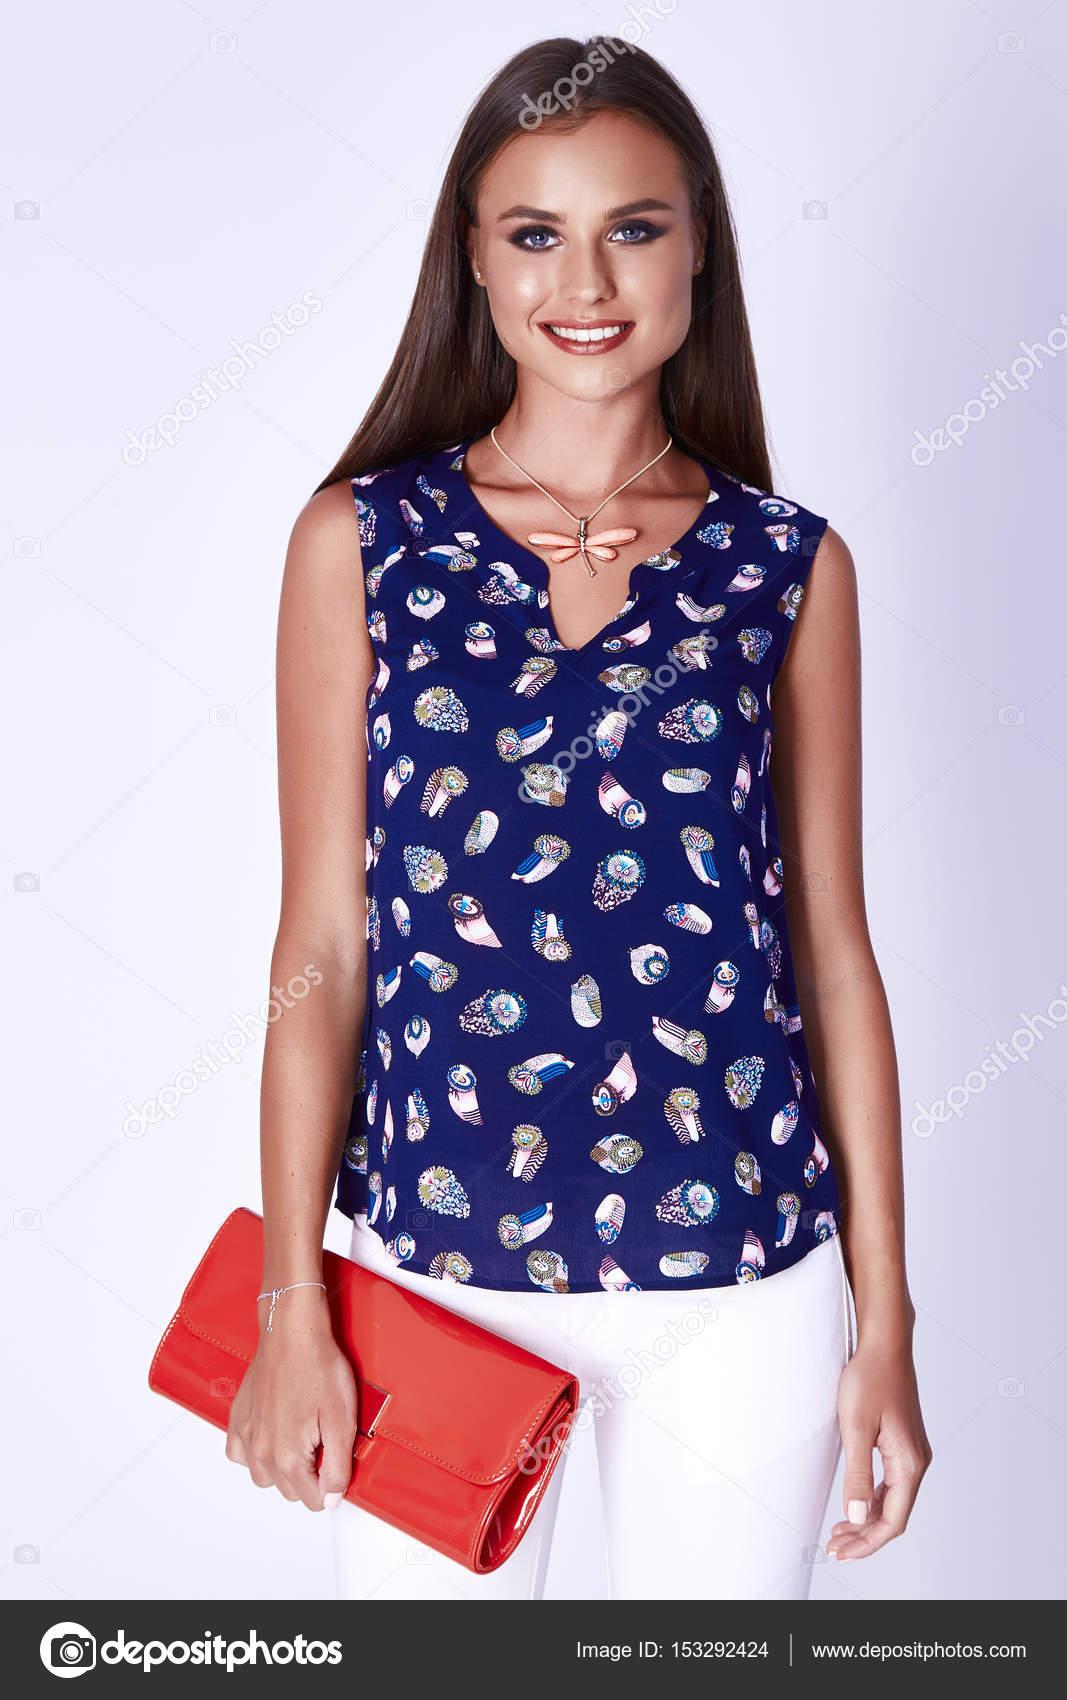 Retrato de mujer hermosa ropa sexy de moda ropa de algodón de seda blusa  top jeans blanco colorido estilo casual a pie oficina fecha partido mano  accesorio ... 5b84fbb594b